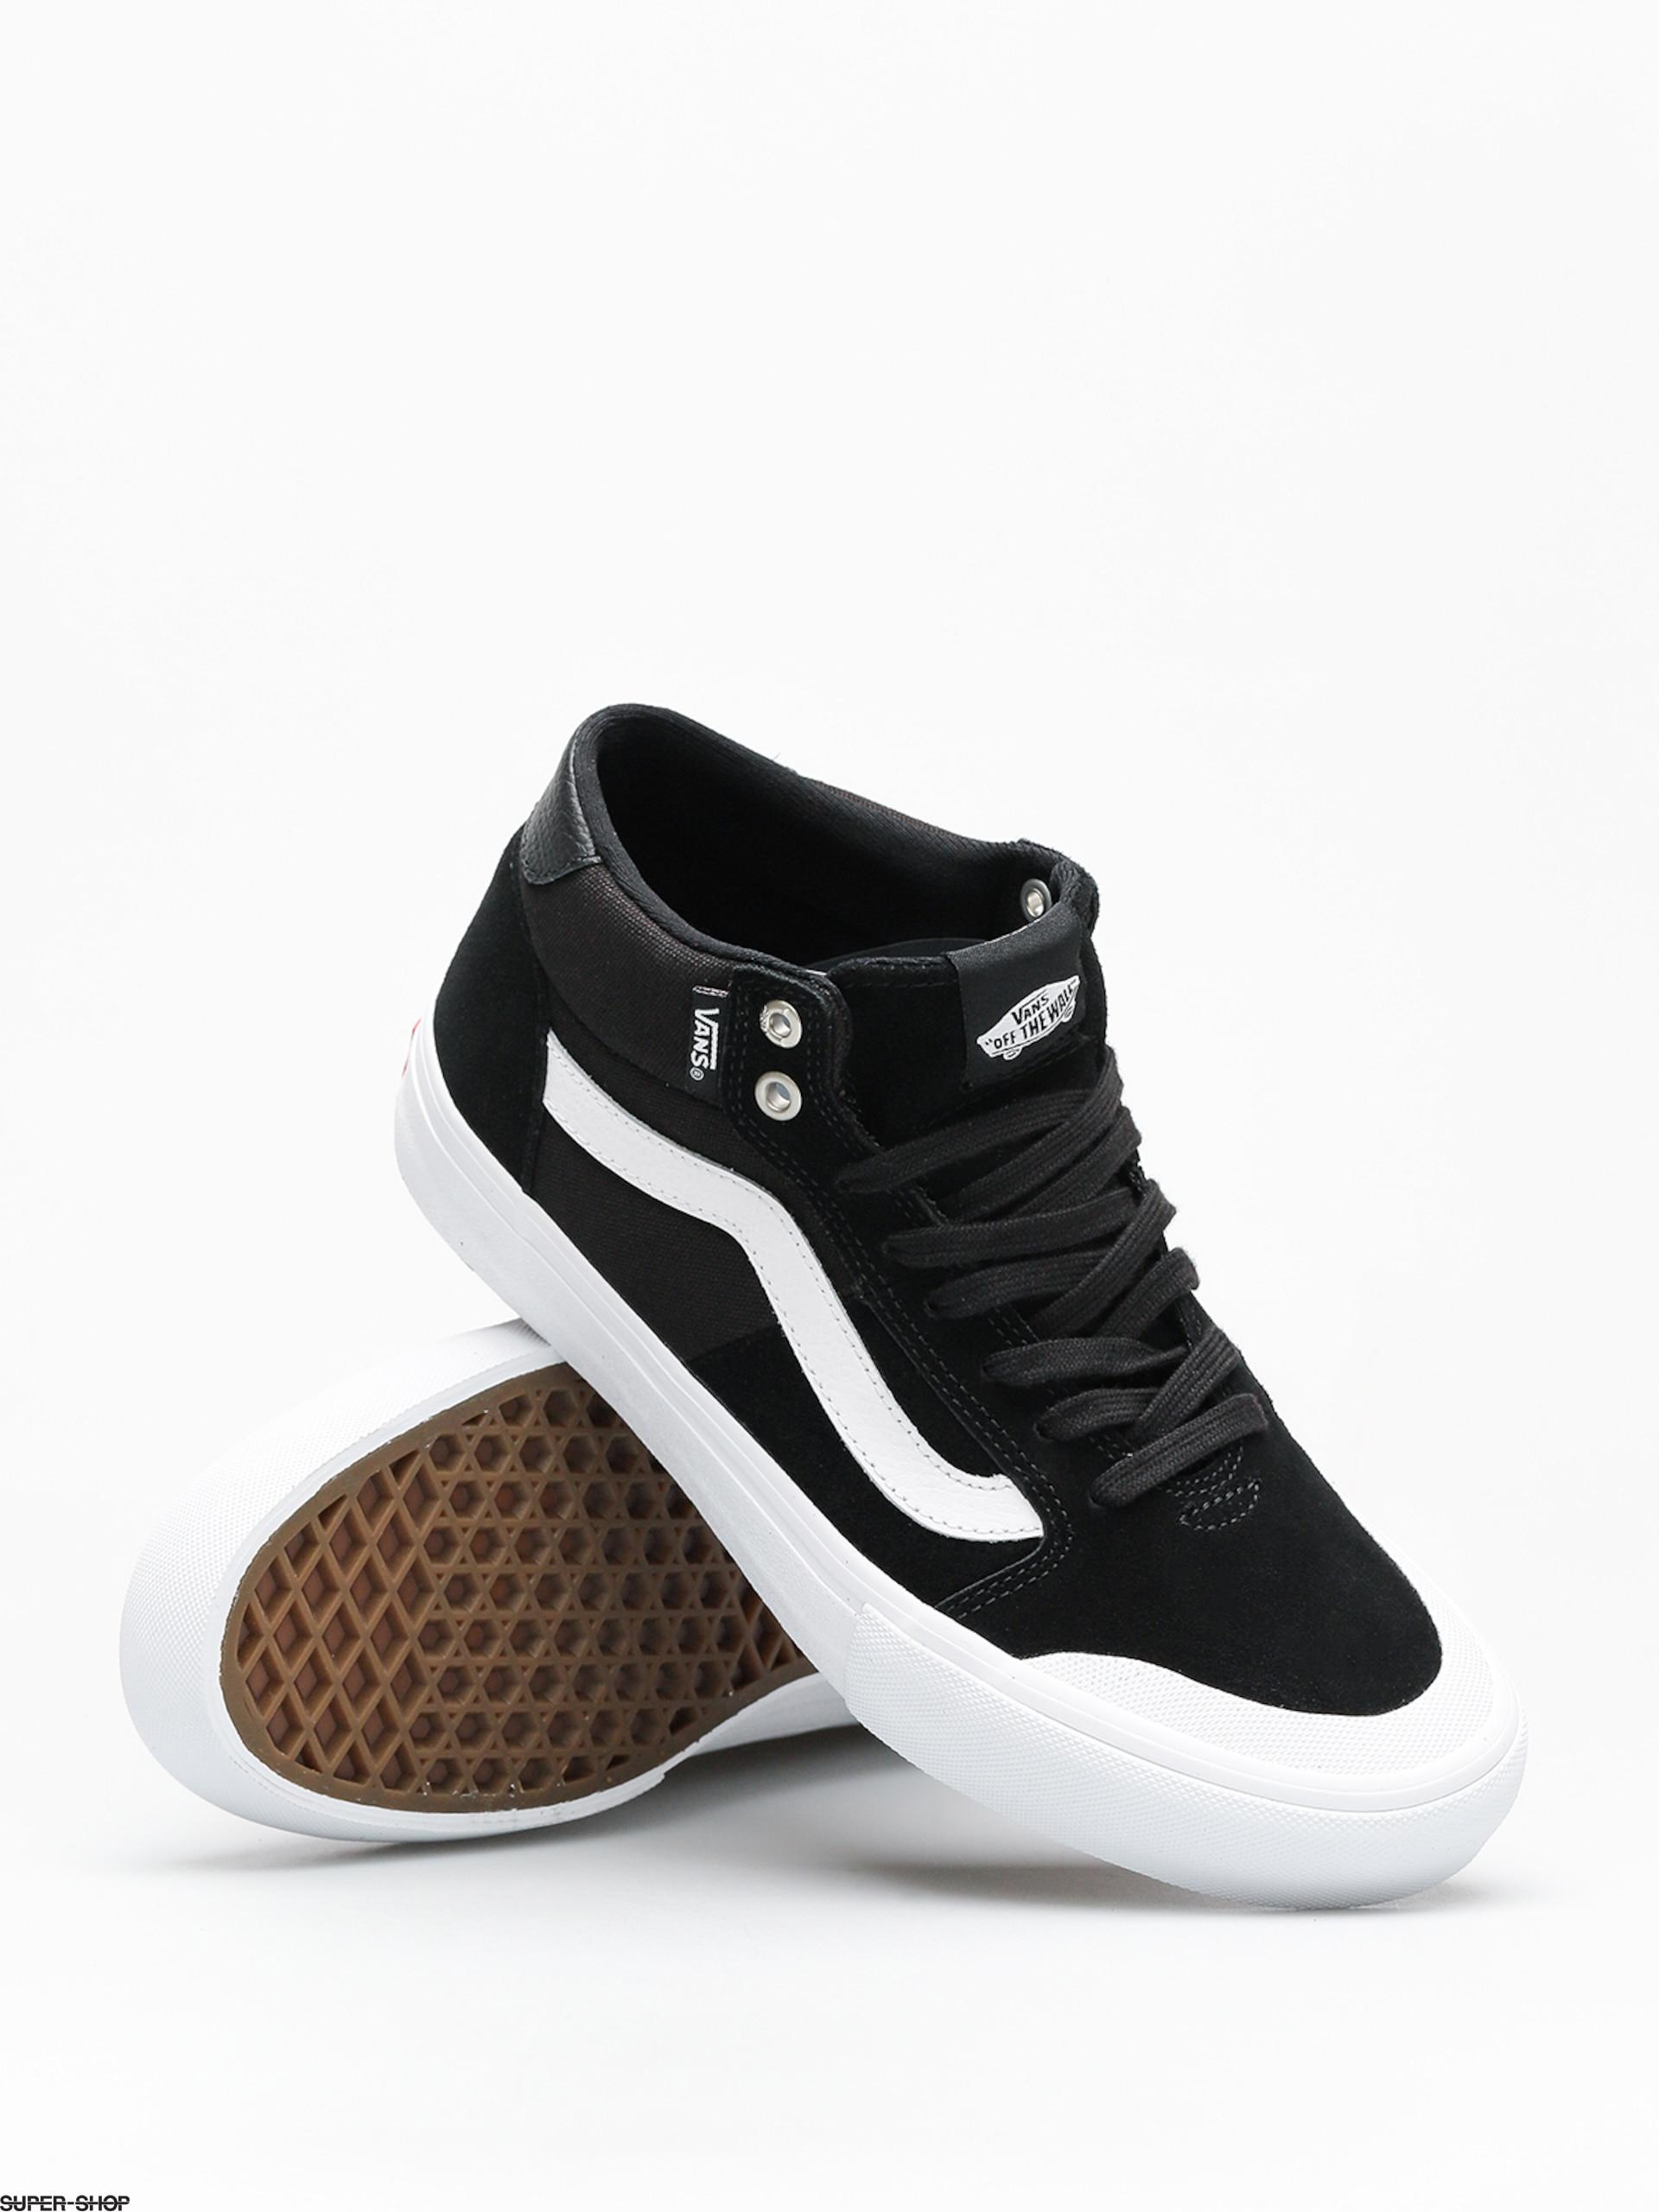 Vans Shoes Style 112 Mid Pro (black/white)